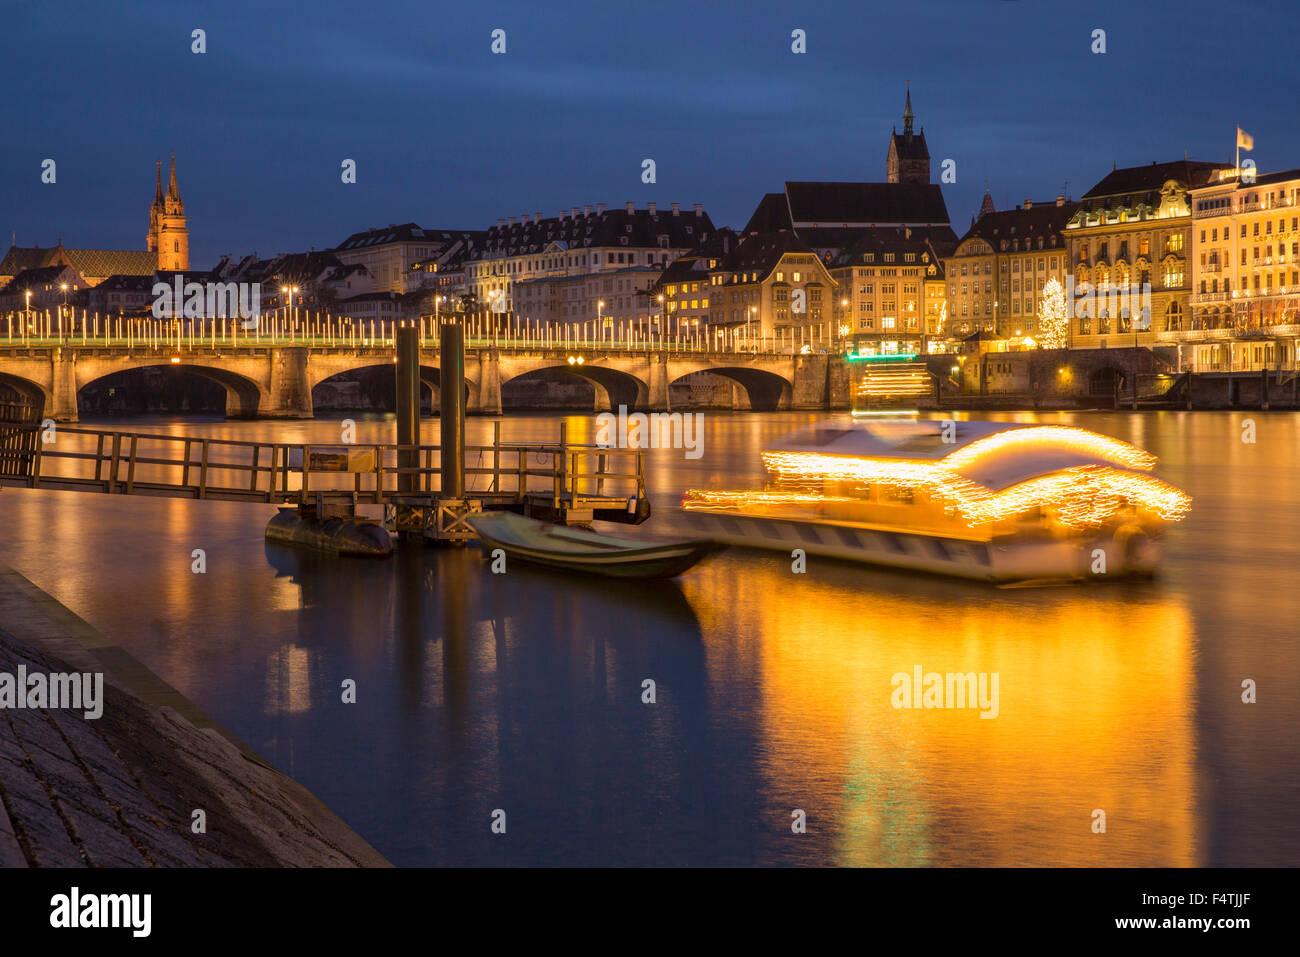 Puente con Rin en Basilea, iluminación de Navidad Imagen De Stock